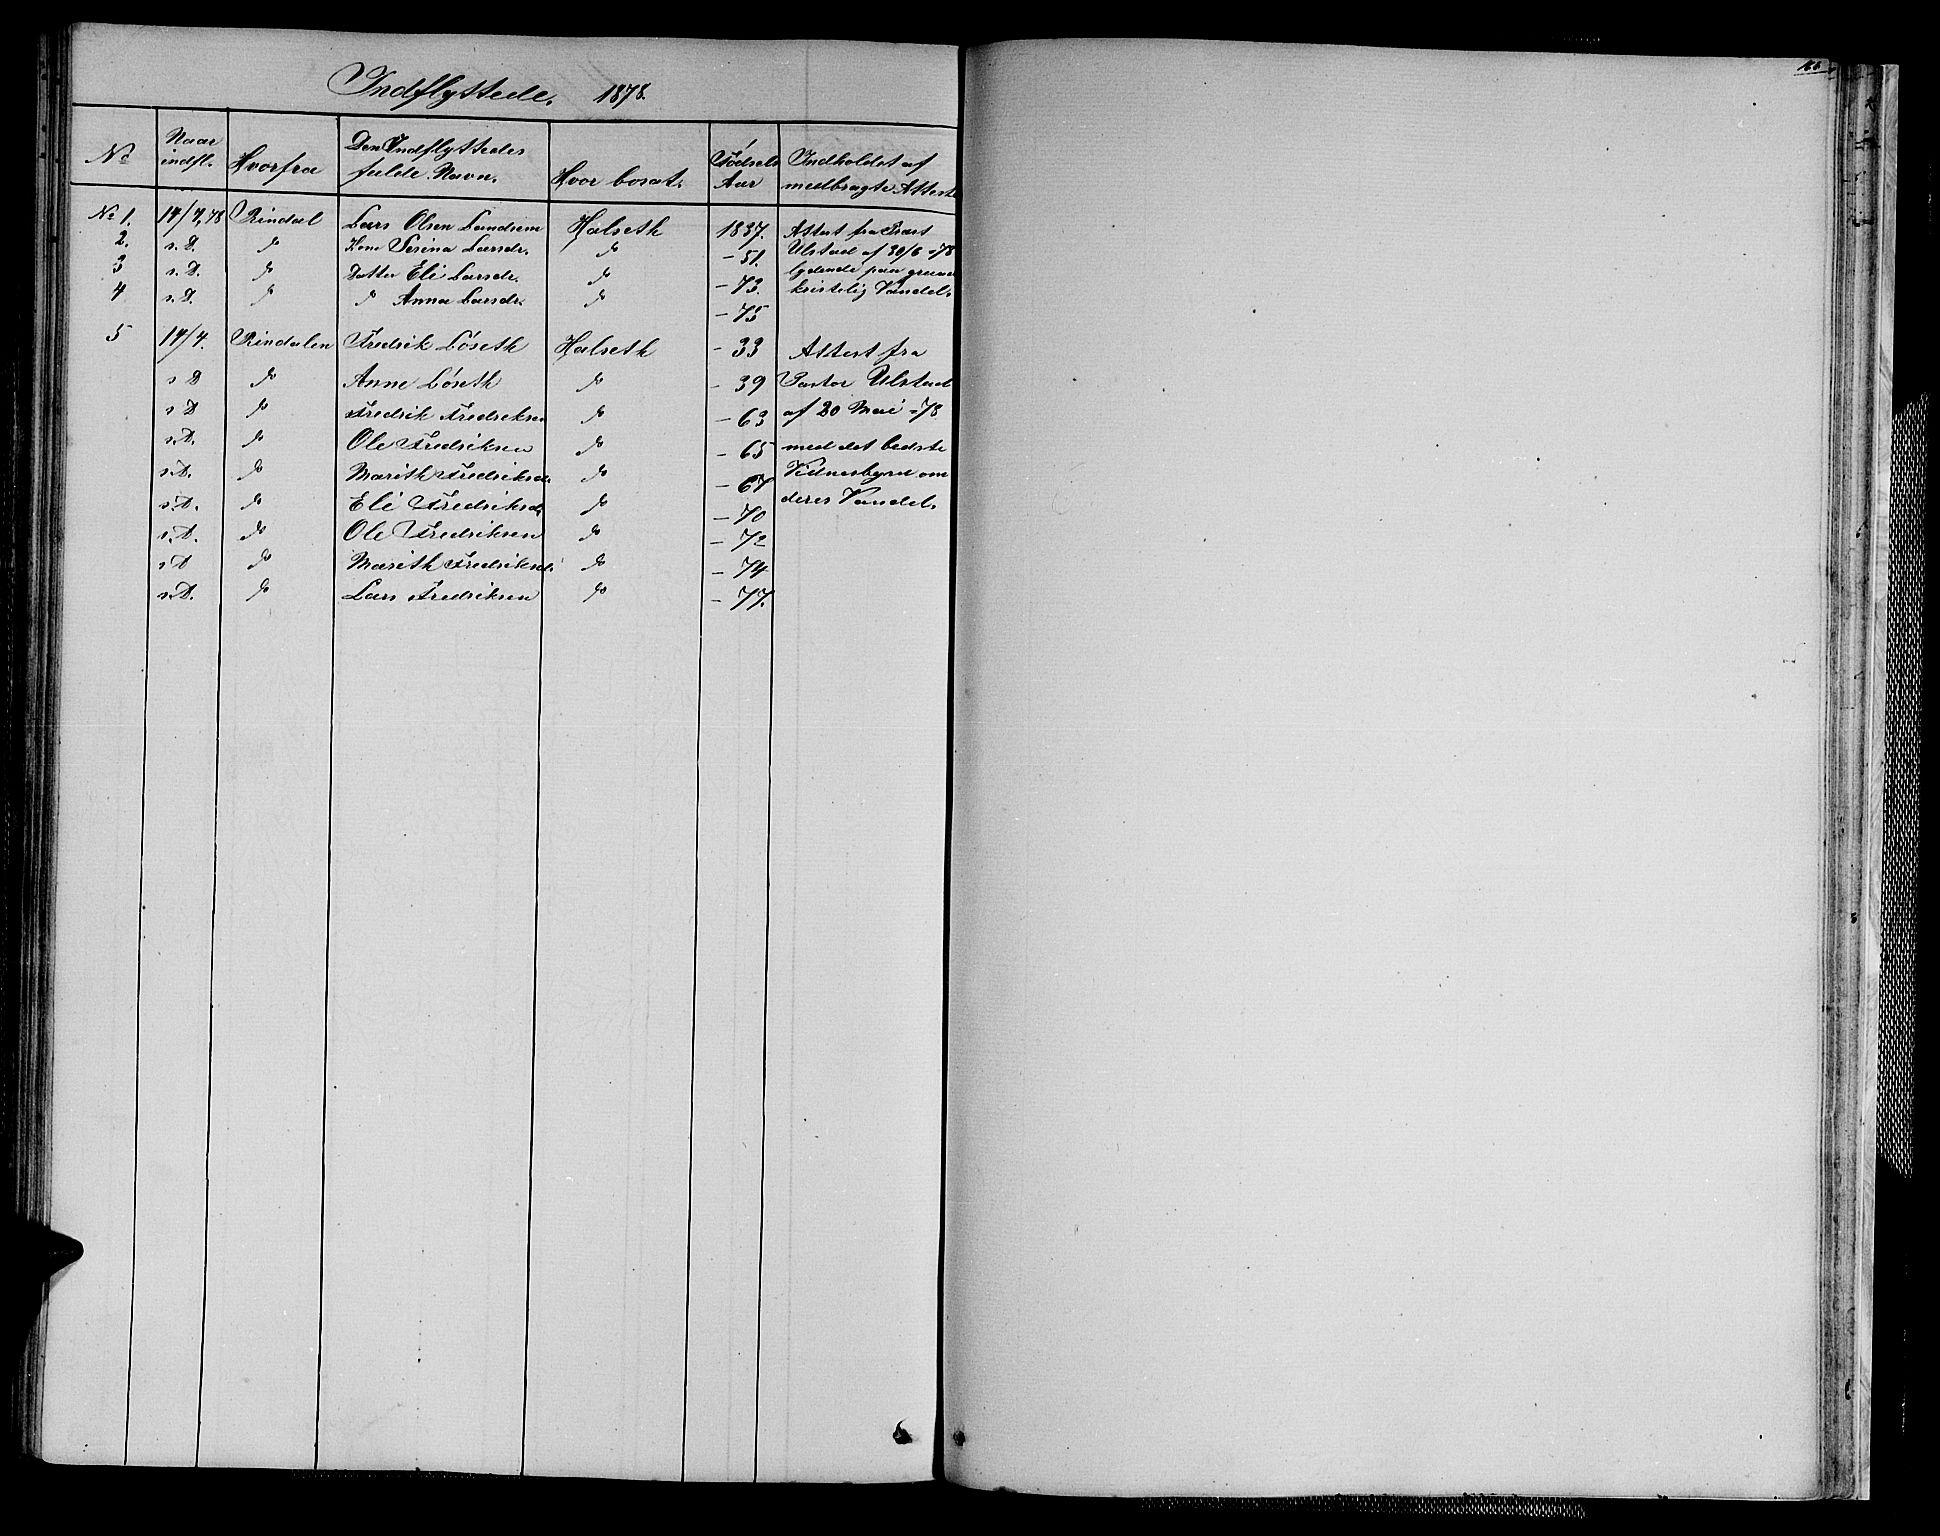 SAT, Ministerialprotokoller, klokkerbøker og fødselsregistre - Sør-Trøndelag, 611/L0353: Klokkerbok nr. 611C01, 1854-1881, s. 151